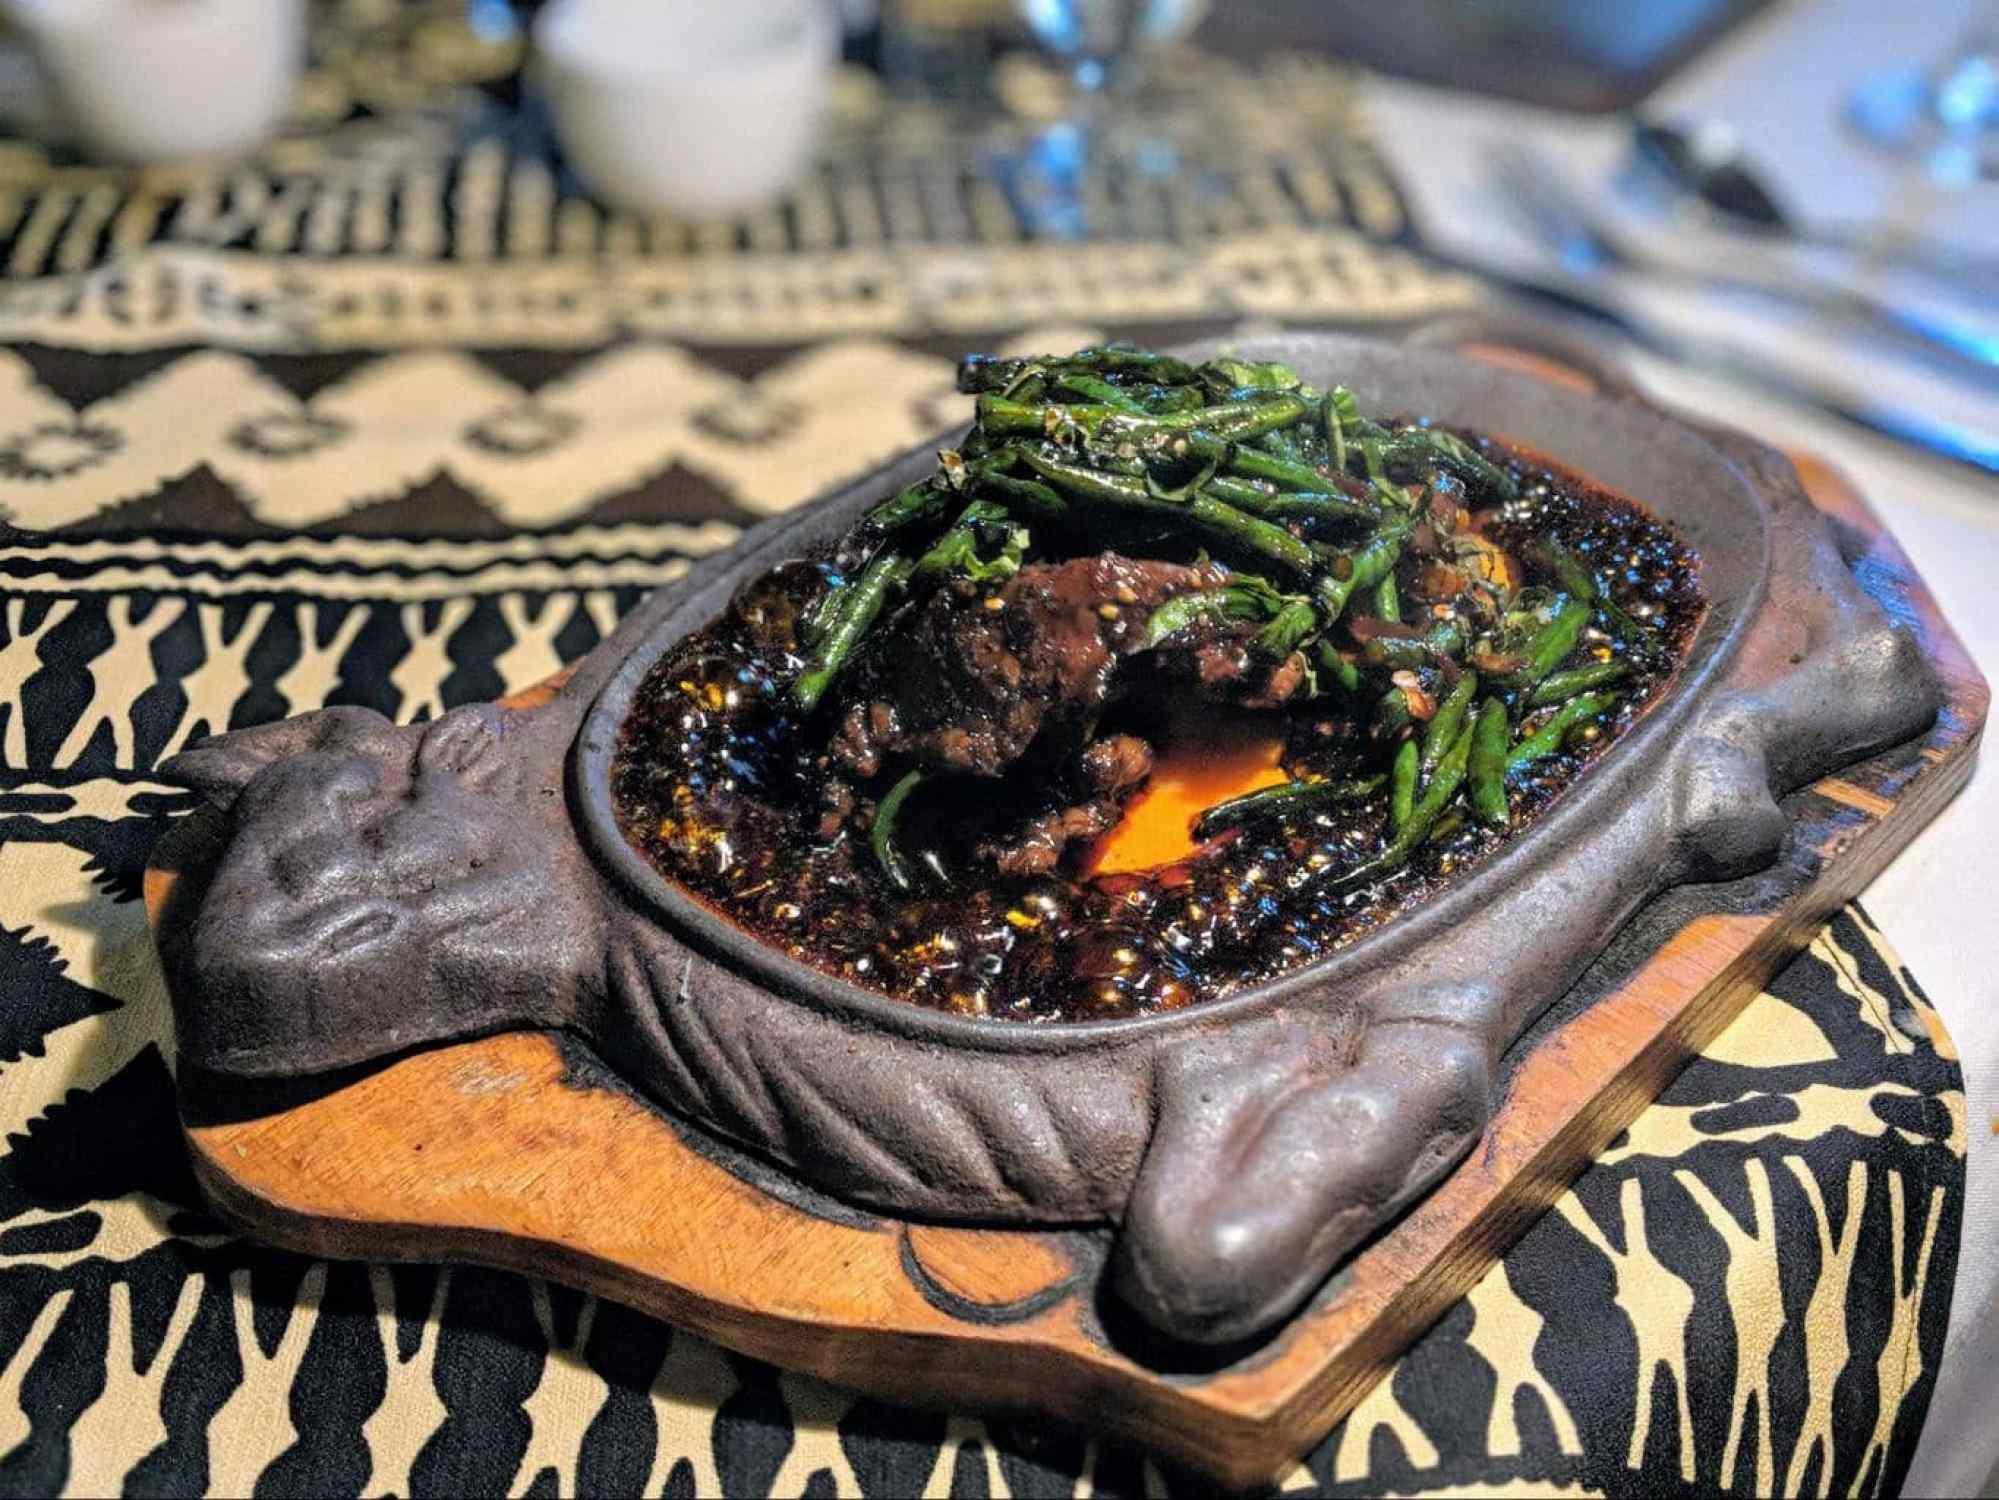 Food at 1808